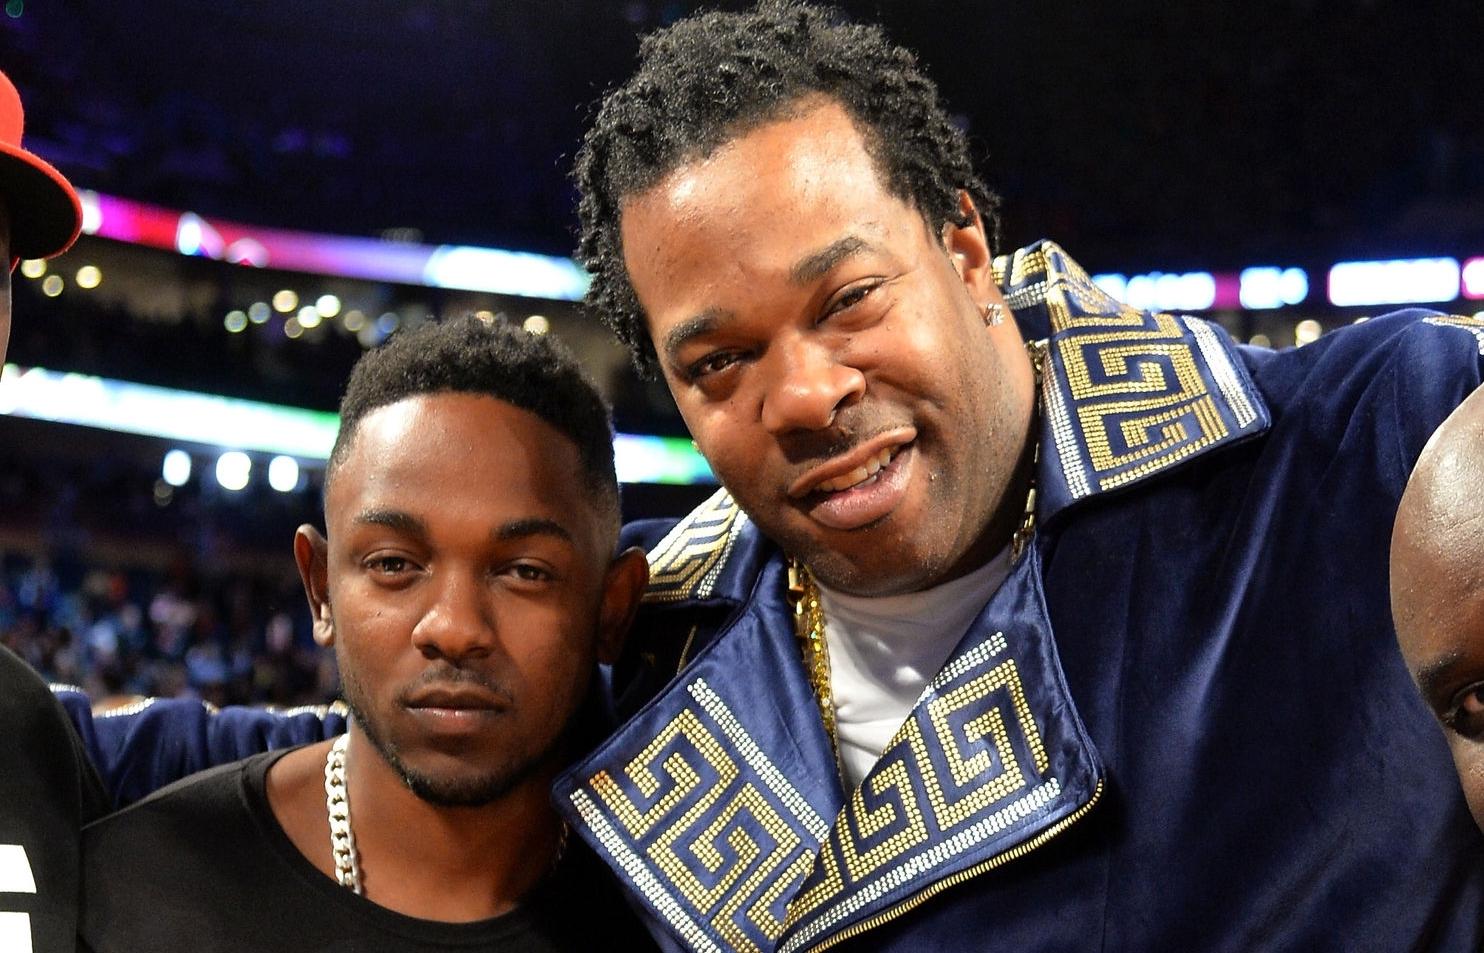 Kendrick Lamar and Busta Rhymes